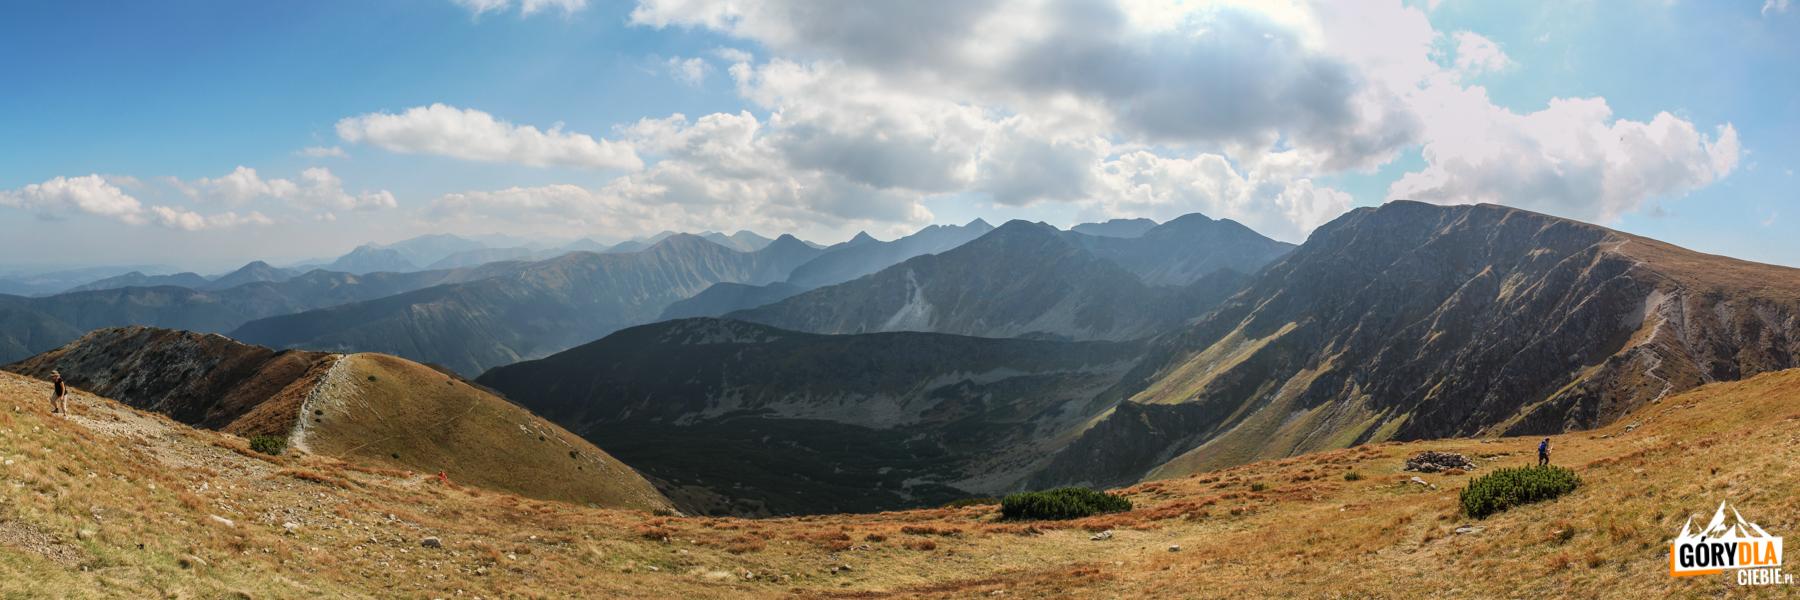 Widok zBrestowej (1934 m) naSalatyn (2048 m), Spaloną Kopę (2083 m), Pachoł (2167 m) icałą grań Rohaczy